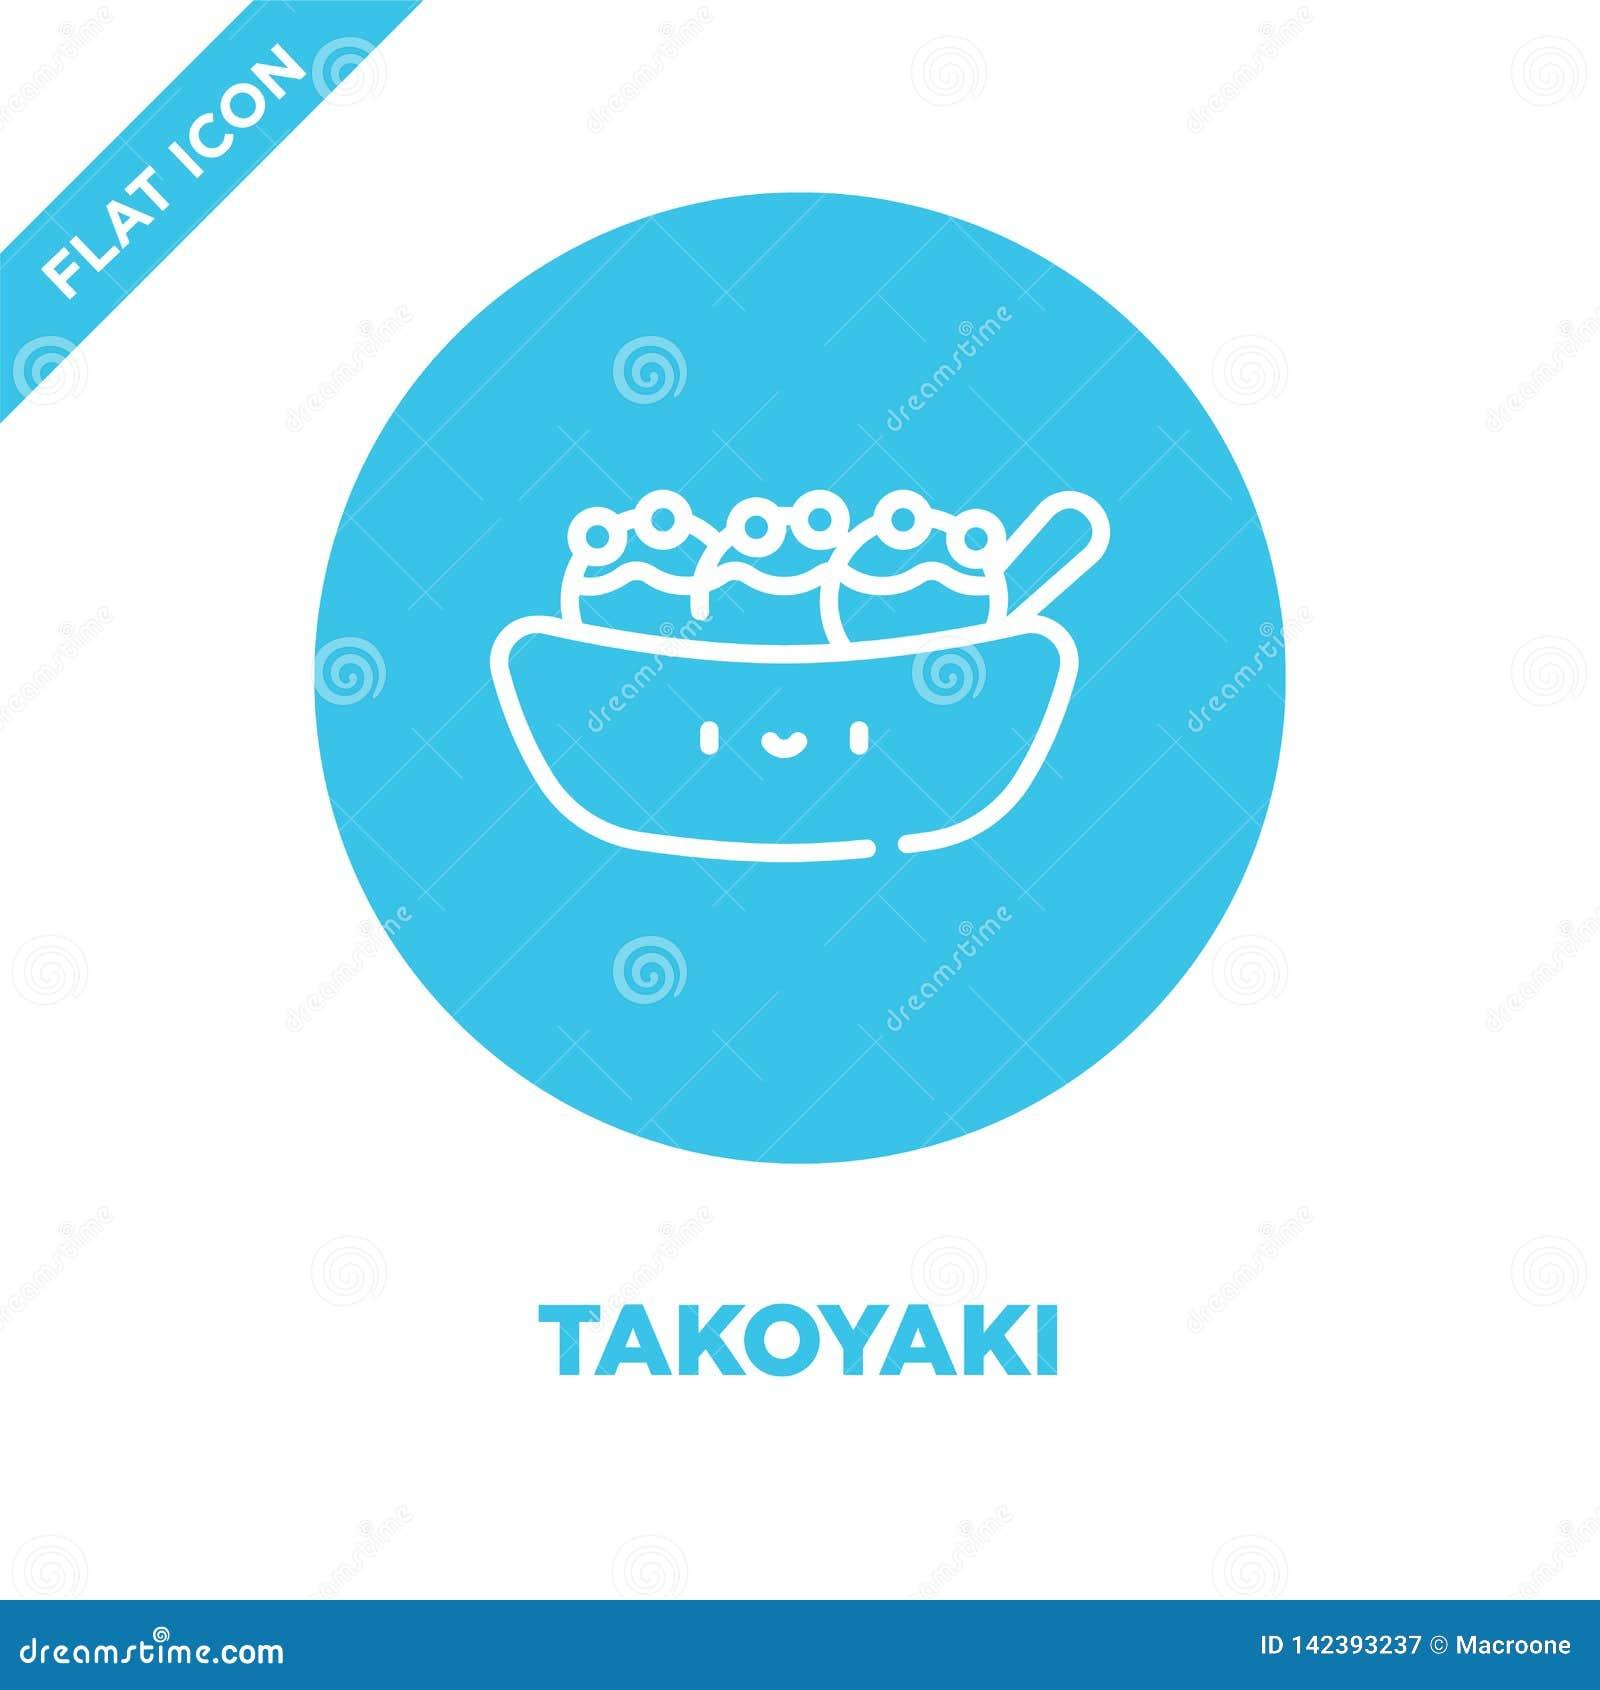 Takoyakisymbolsvektor från för tagande samling bort Tunn linje illustration för vektor för takoyakiöversiktssymbol Linjärt symbol